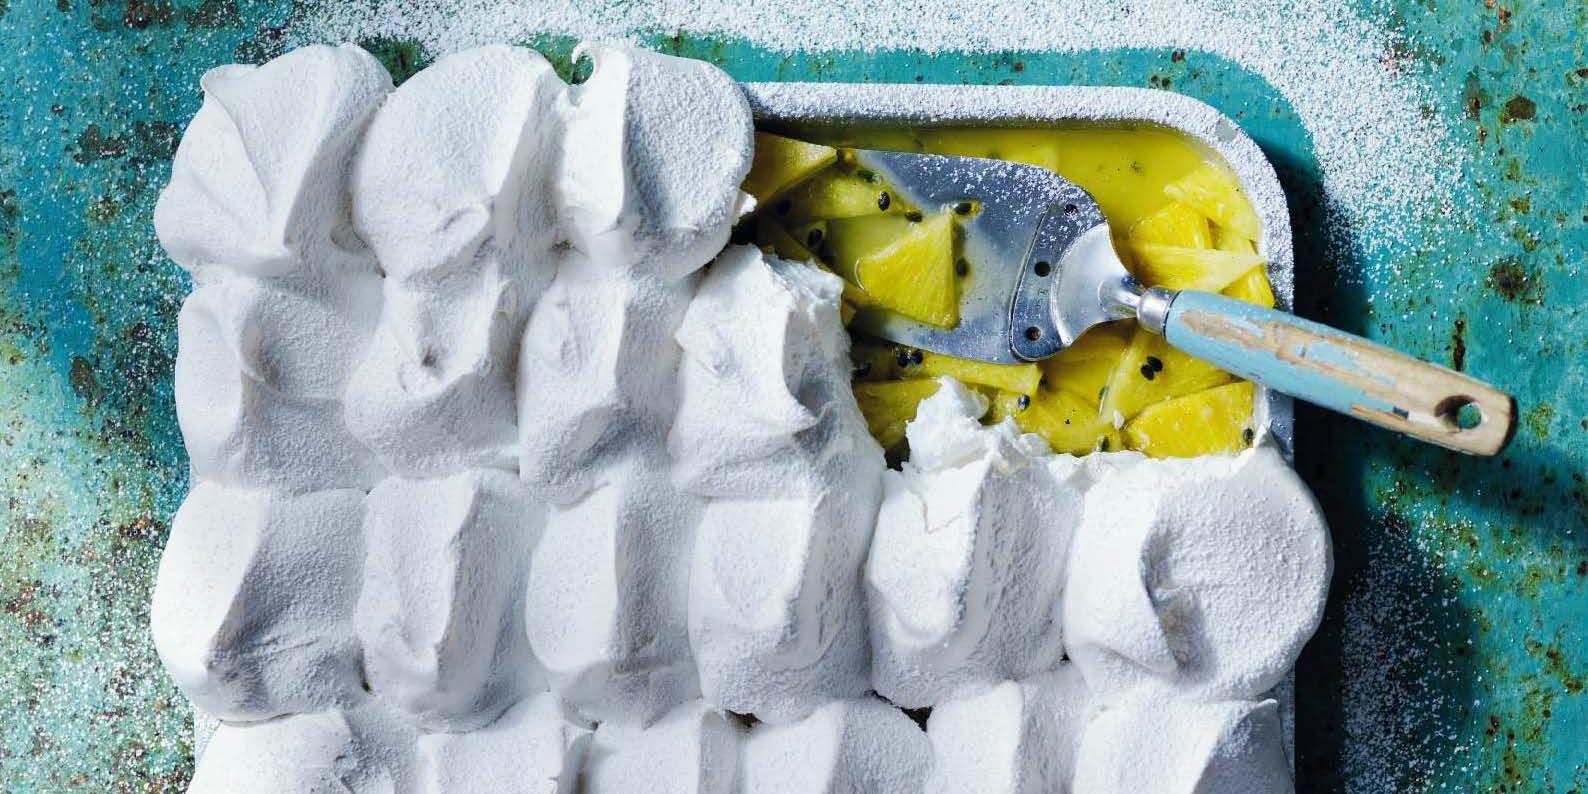 Πάβλοβα με φρούτα του πάθους: Αυτό το γλυκό είναι «κόλαση» Στις διακοπές ένα γλυκάκι παραπάνω επιτρέπεται. Θα κάνει τα στραβά μάτια ακόμα και η διατροφολόγος σας...